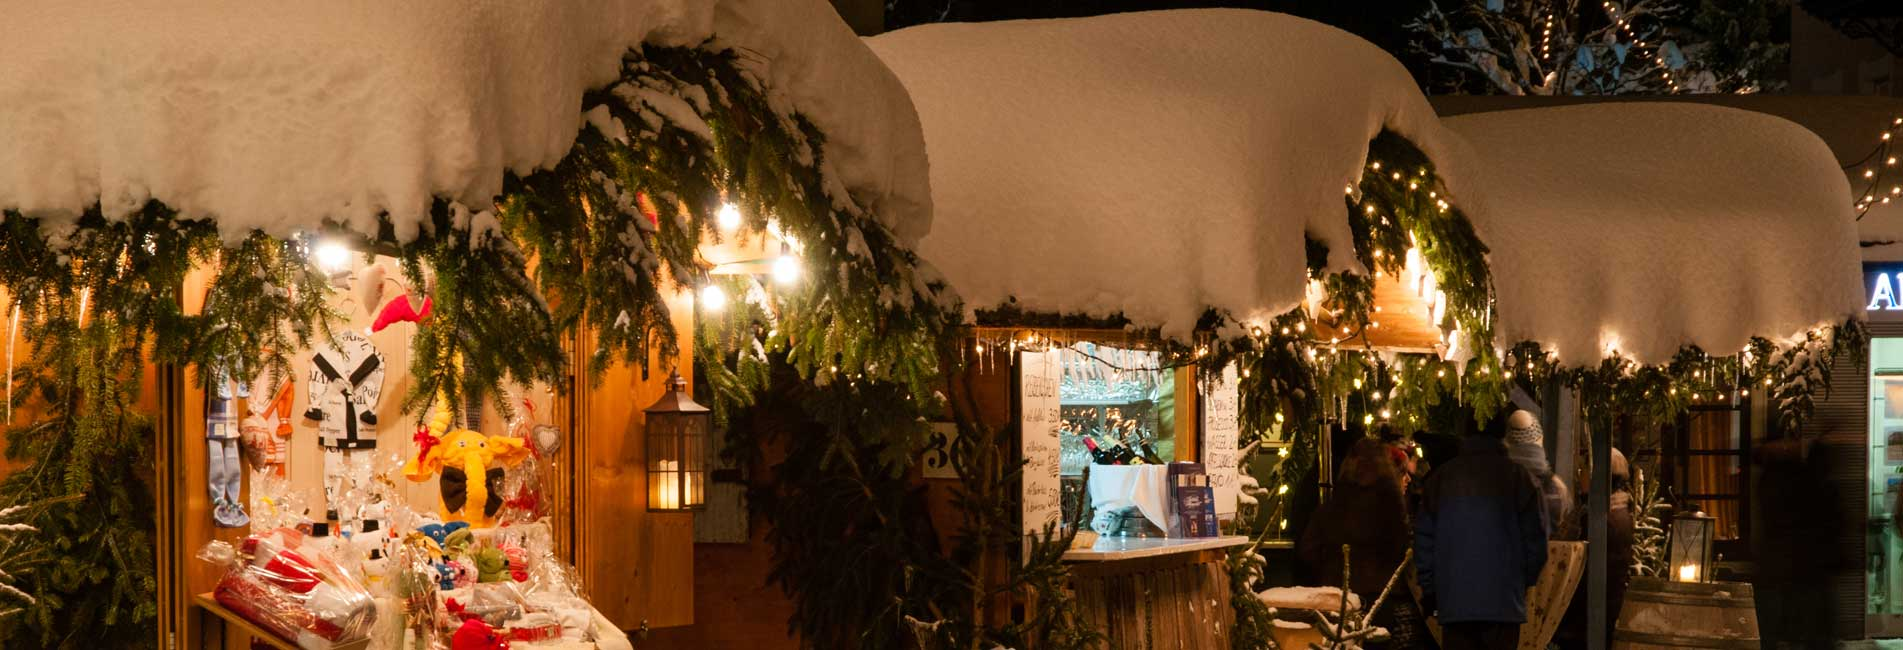 Bad Hindelang Weihnachtsmarkt.Tourismusverein Bad Hindelang E V Allgau